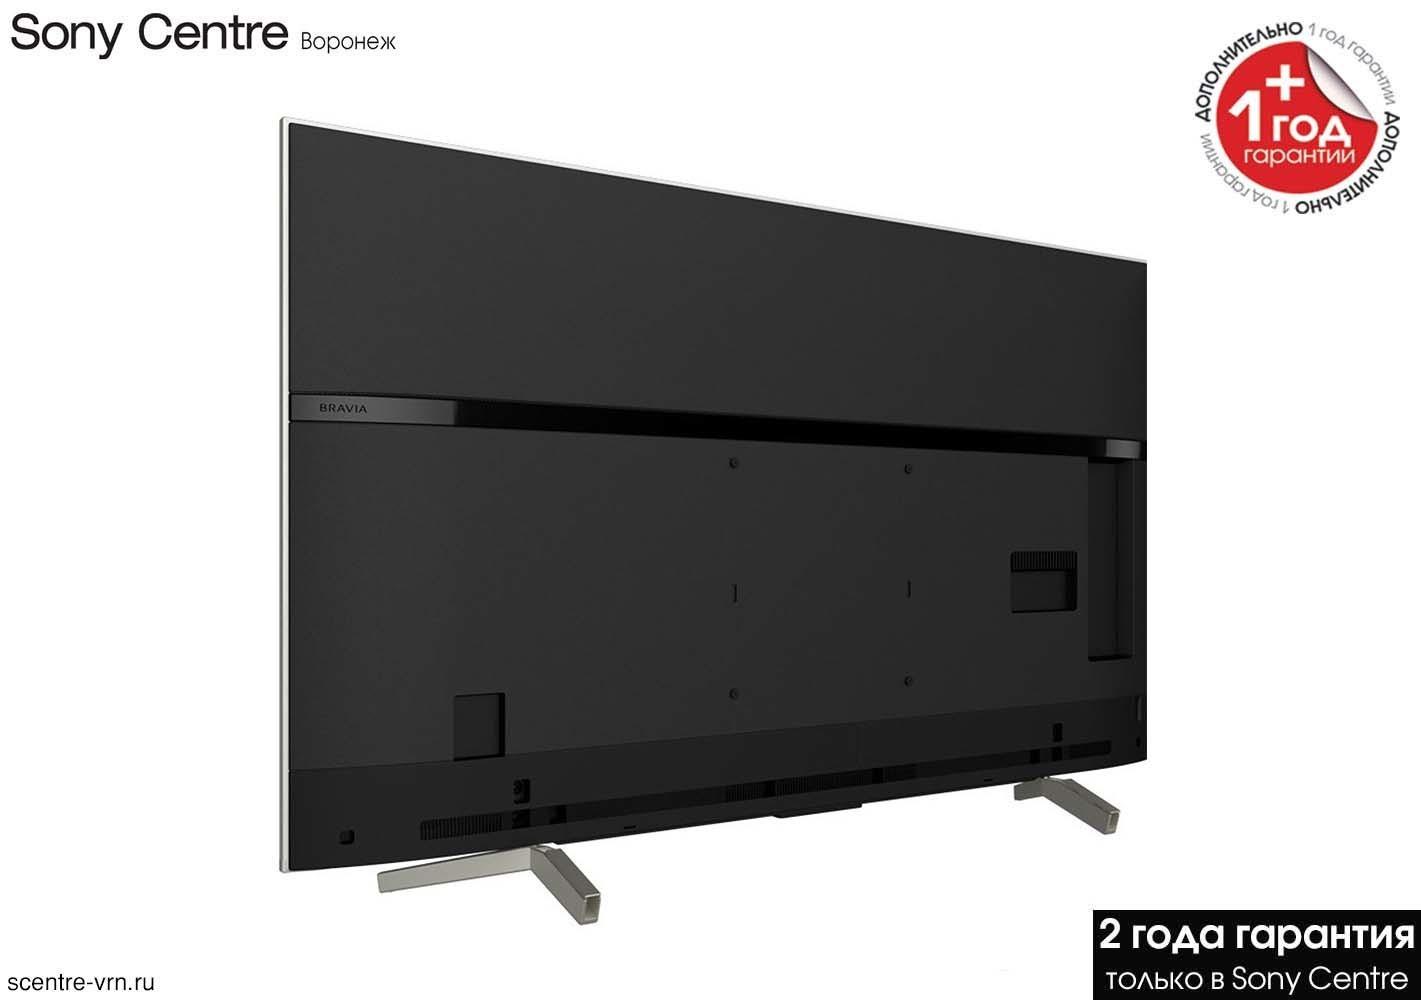 Телевизор Sony KD49XF8577 купить в Sony Centre Воронеж